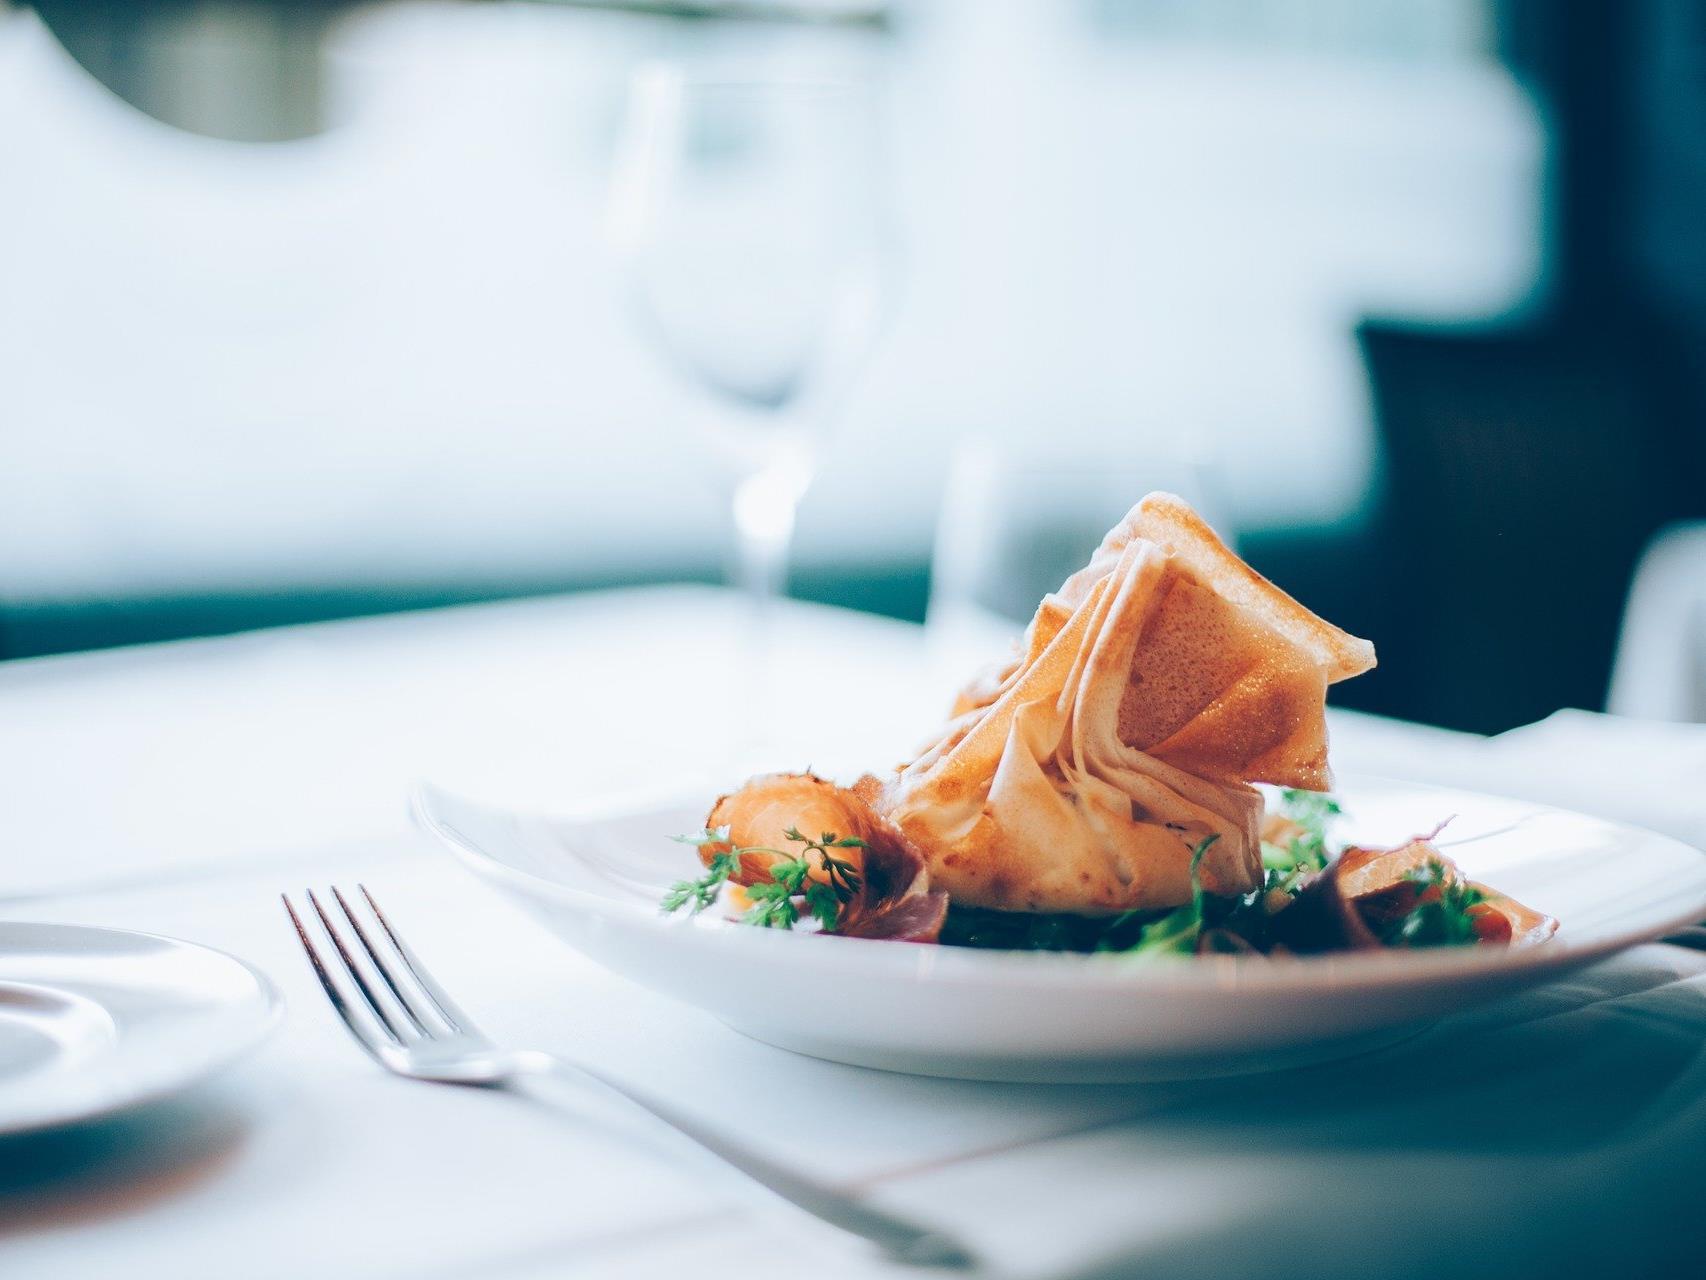 Am 29. August startet die Wiener Restaurantwoche.